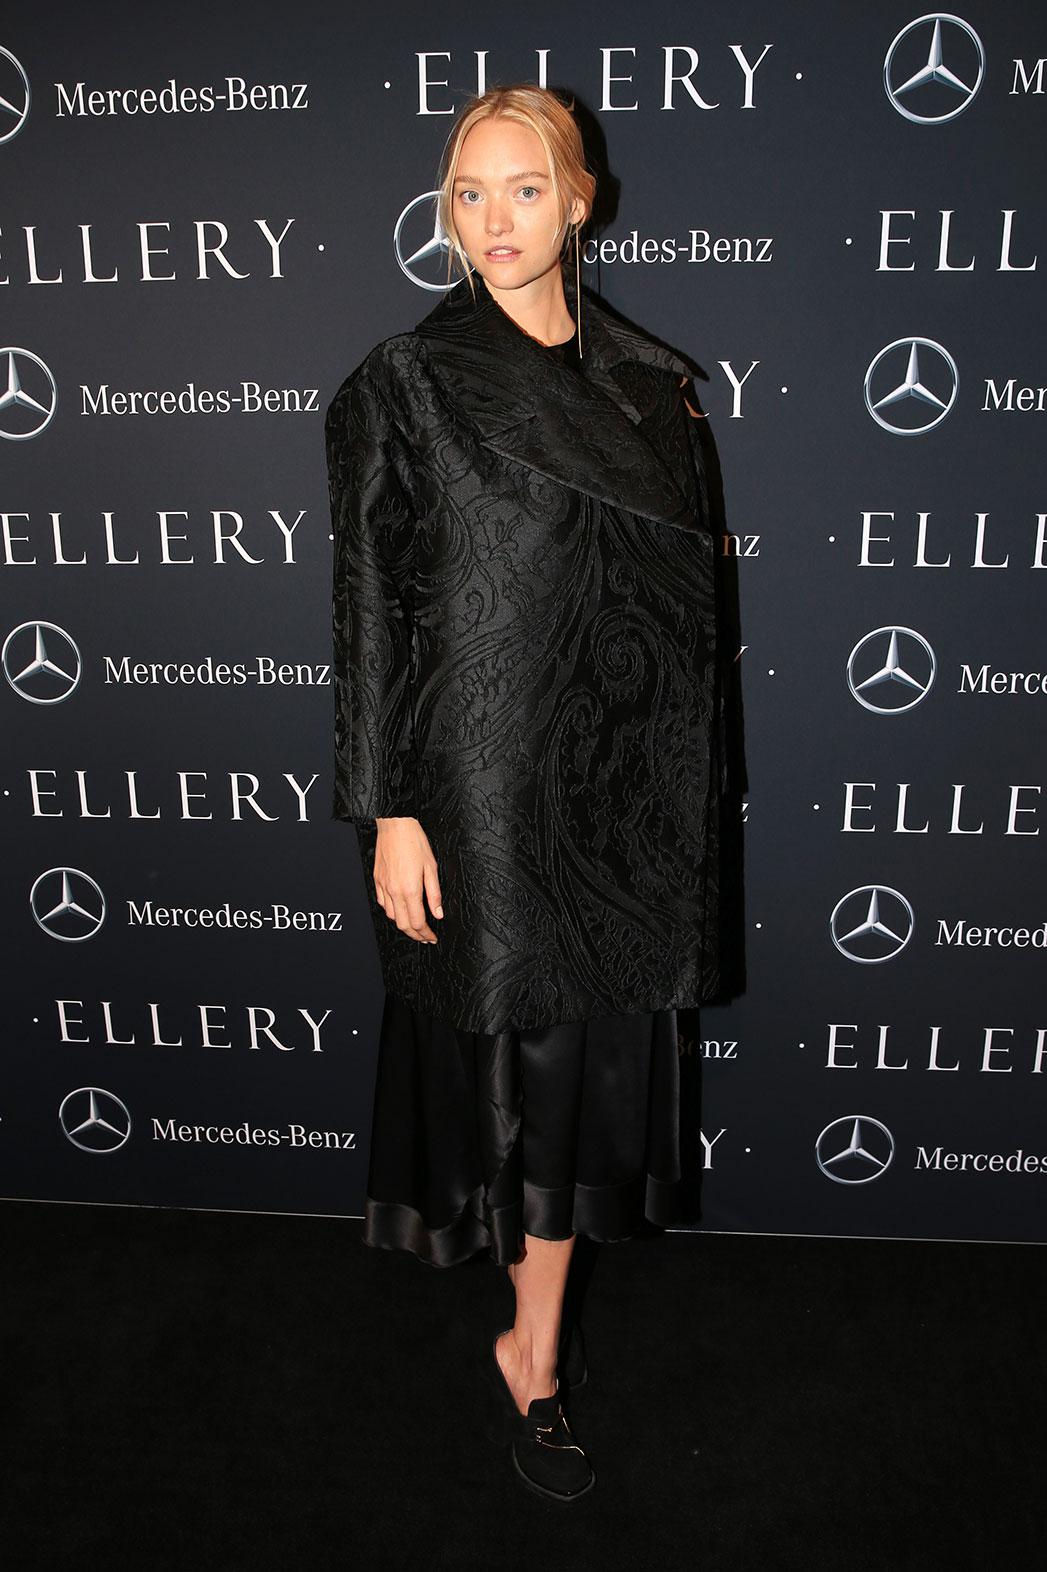 Gemma Ward - P 2015